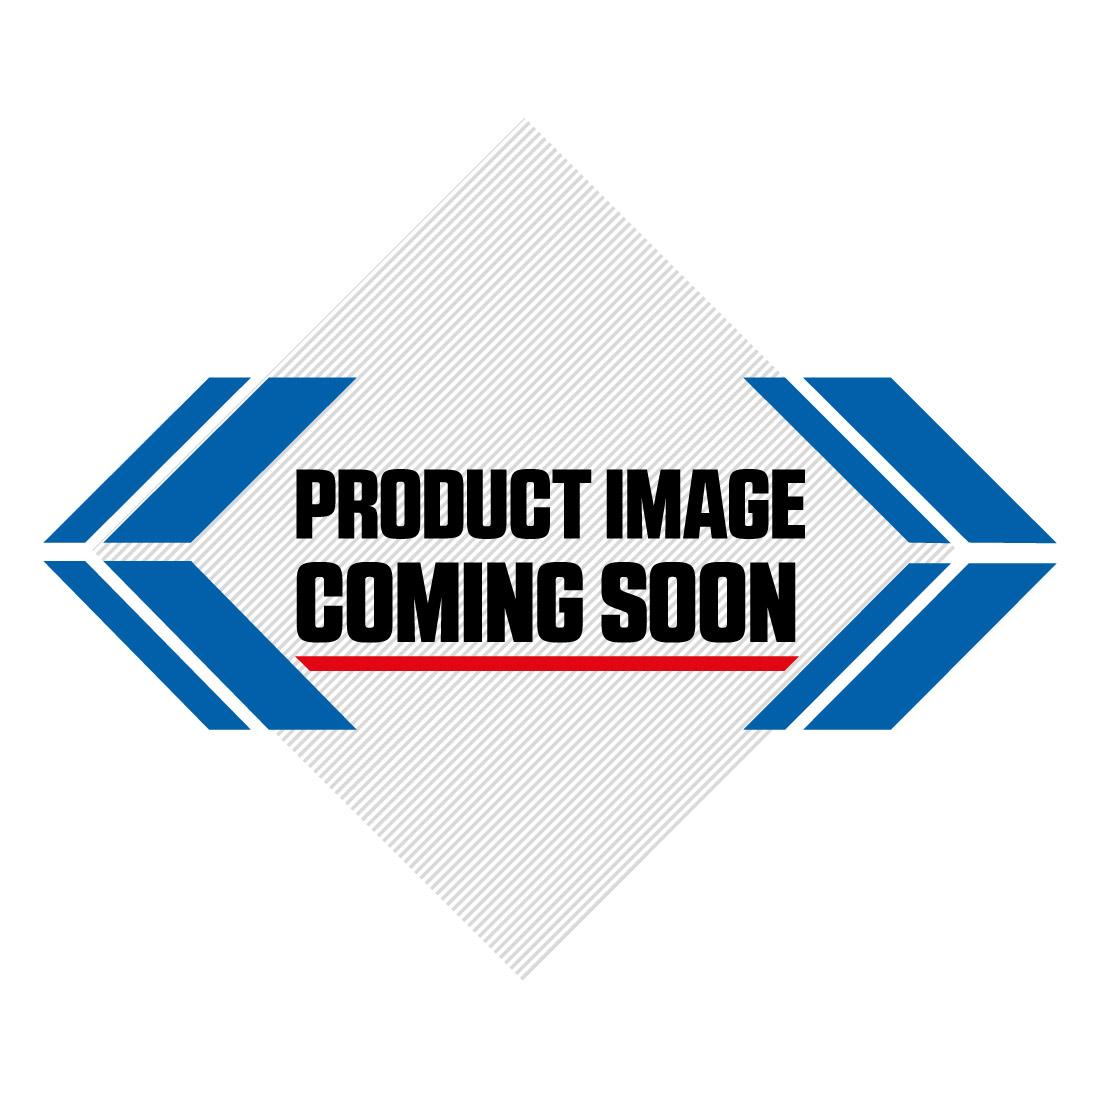 UFO Red White Blue Proton MX Kit Combo Image-3>